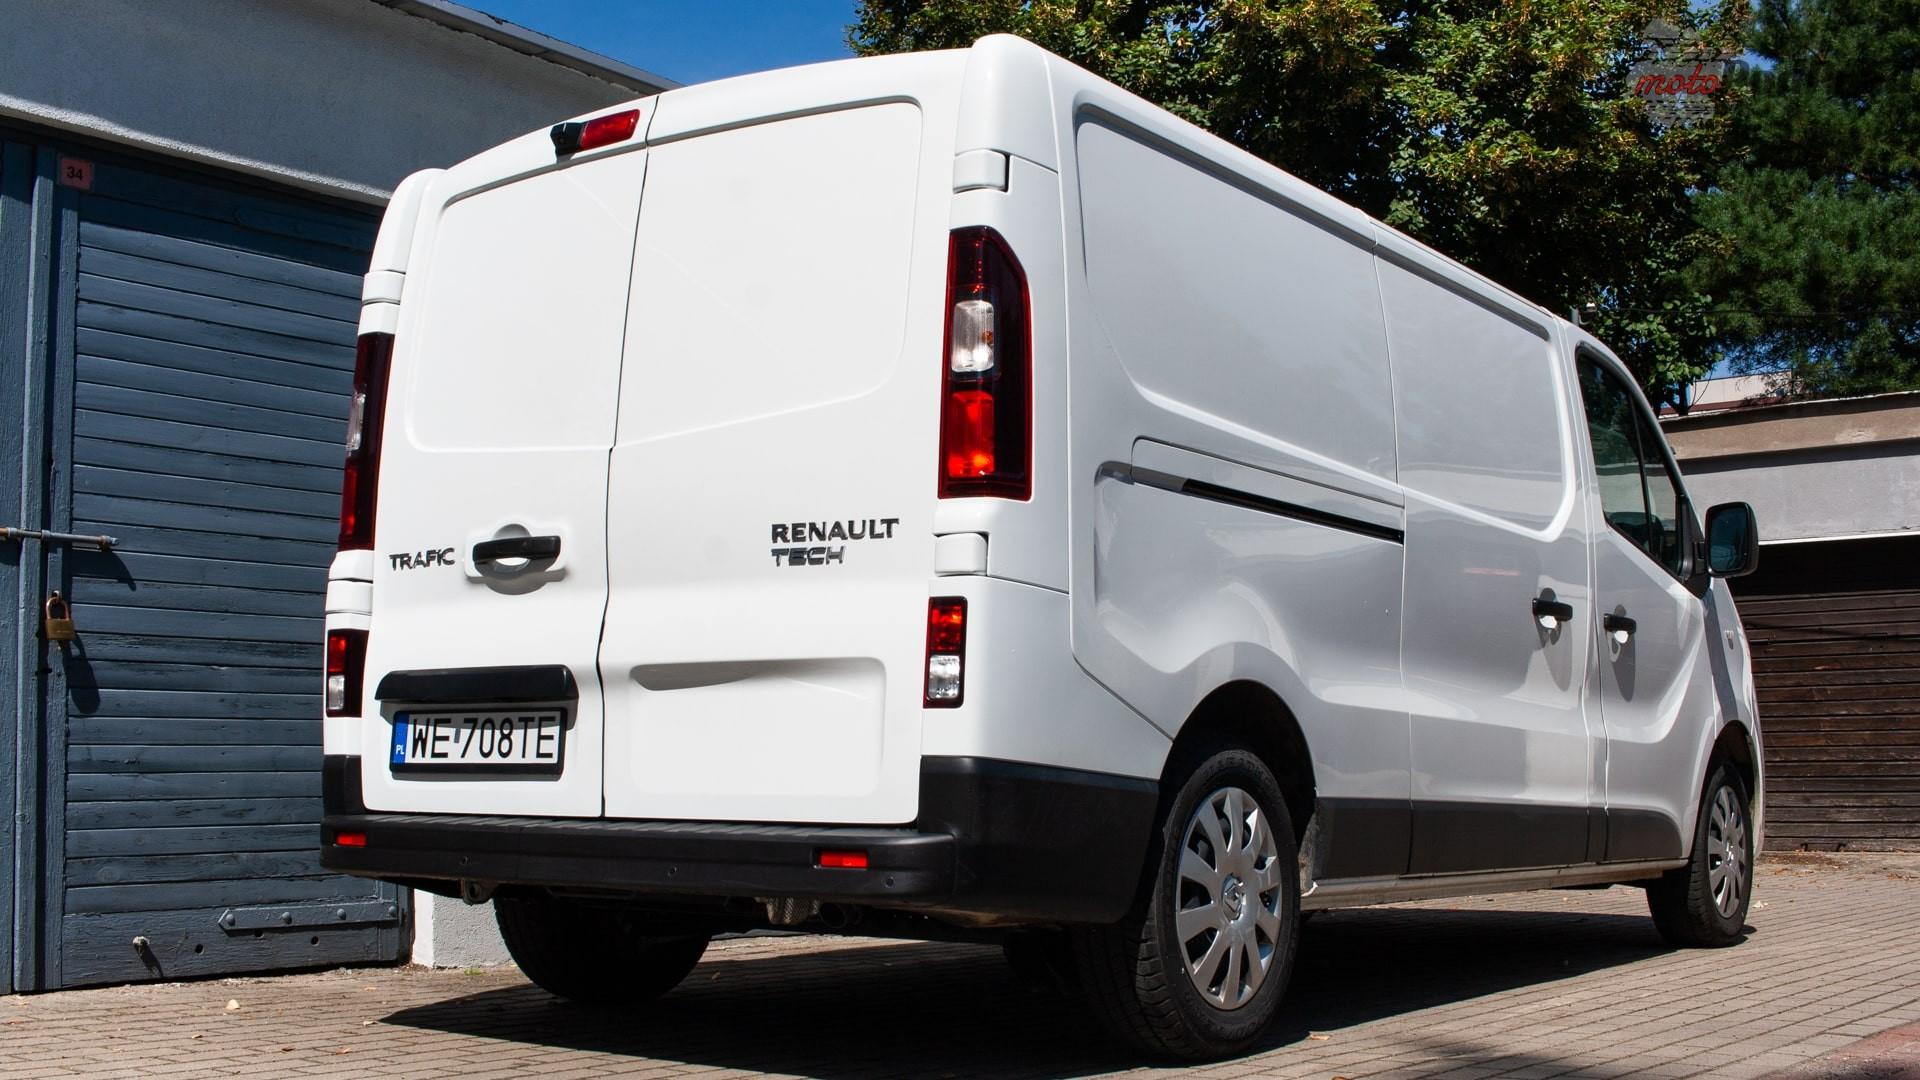 renault trafic 18 Test: Renault Trafic furgon z zabudową Renault Tech – mobilny serwis